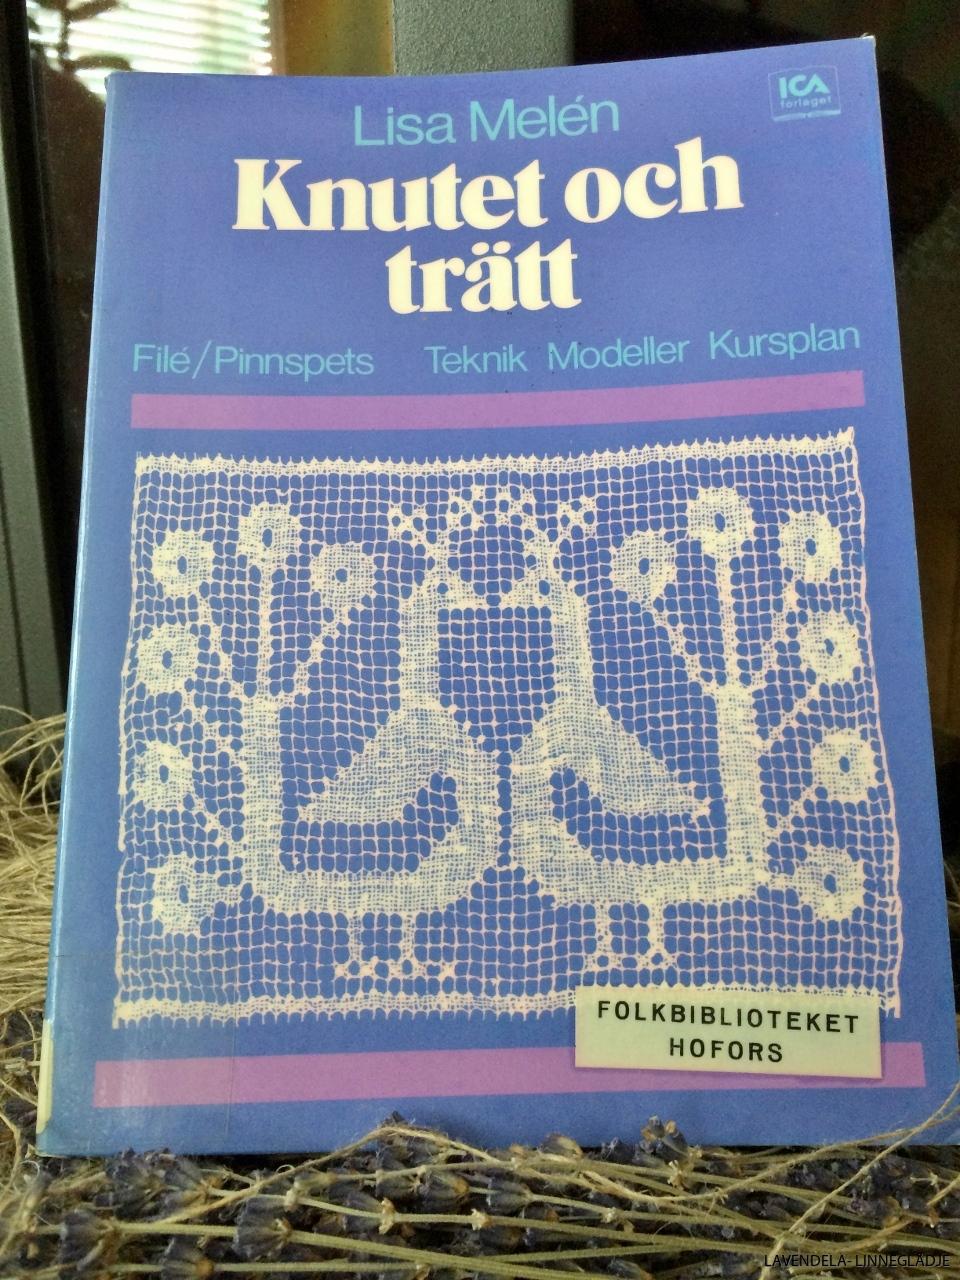 Bra bok om knutet och trätt